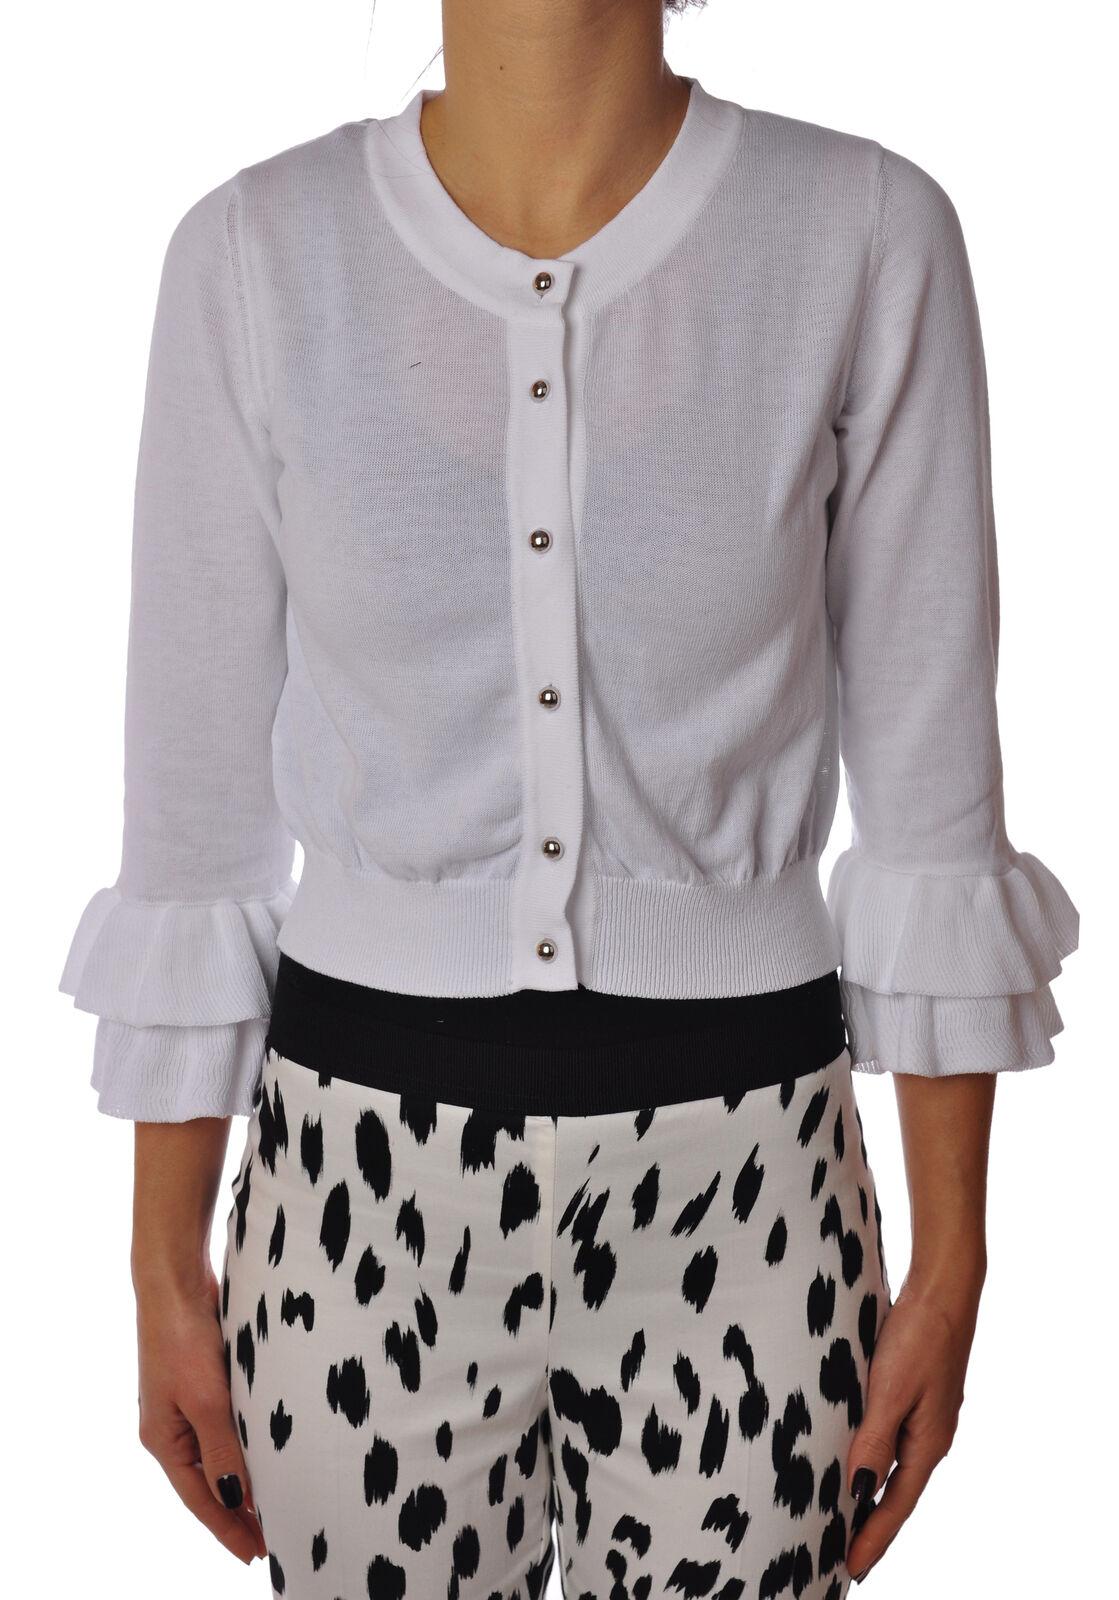 Pinko  -  Wrap cardigans - Female - White - 3075110A184713